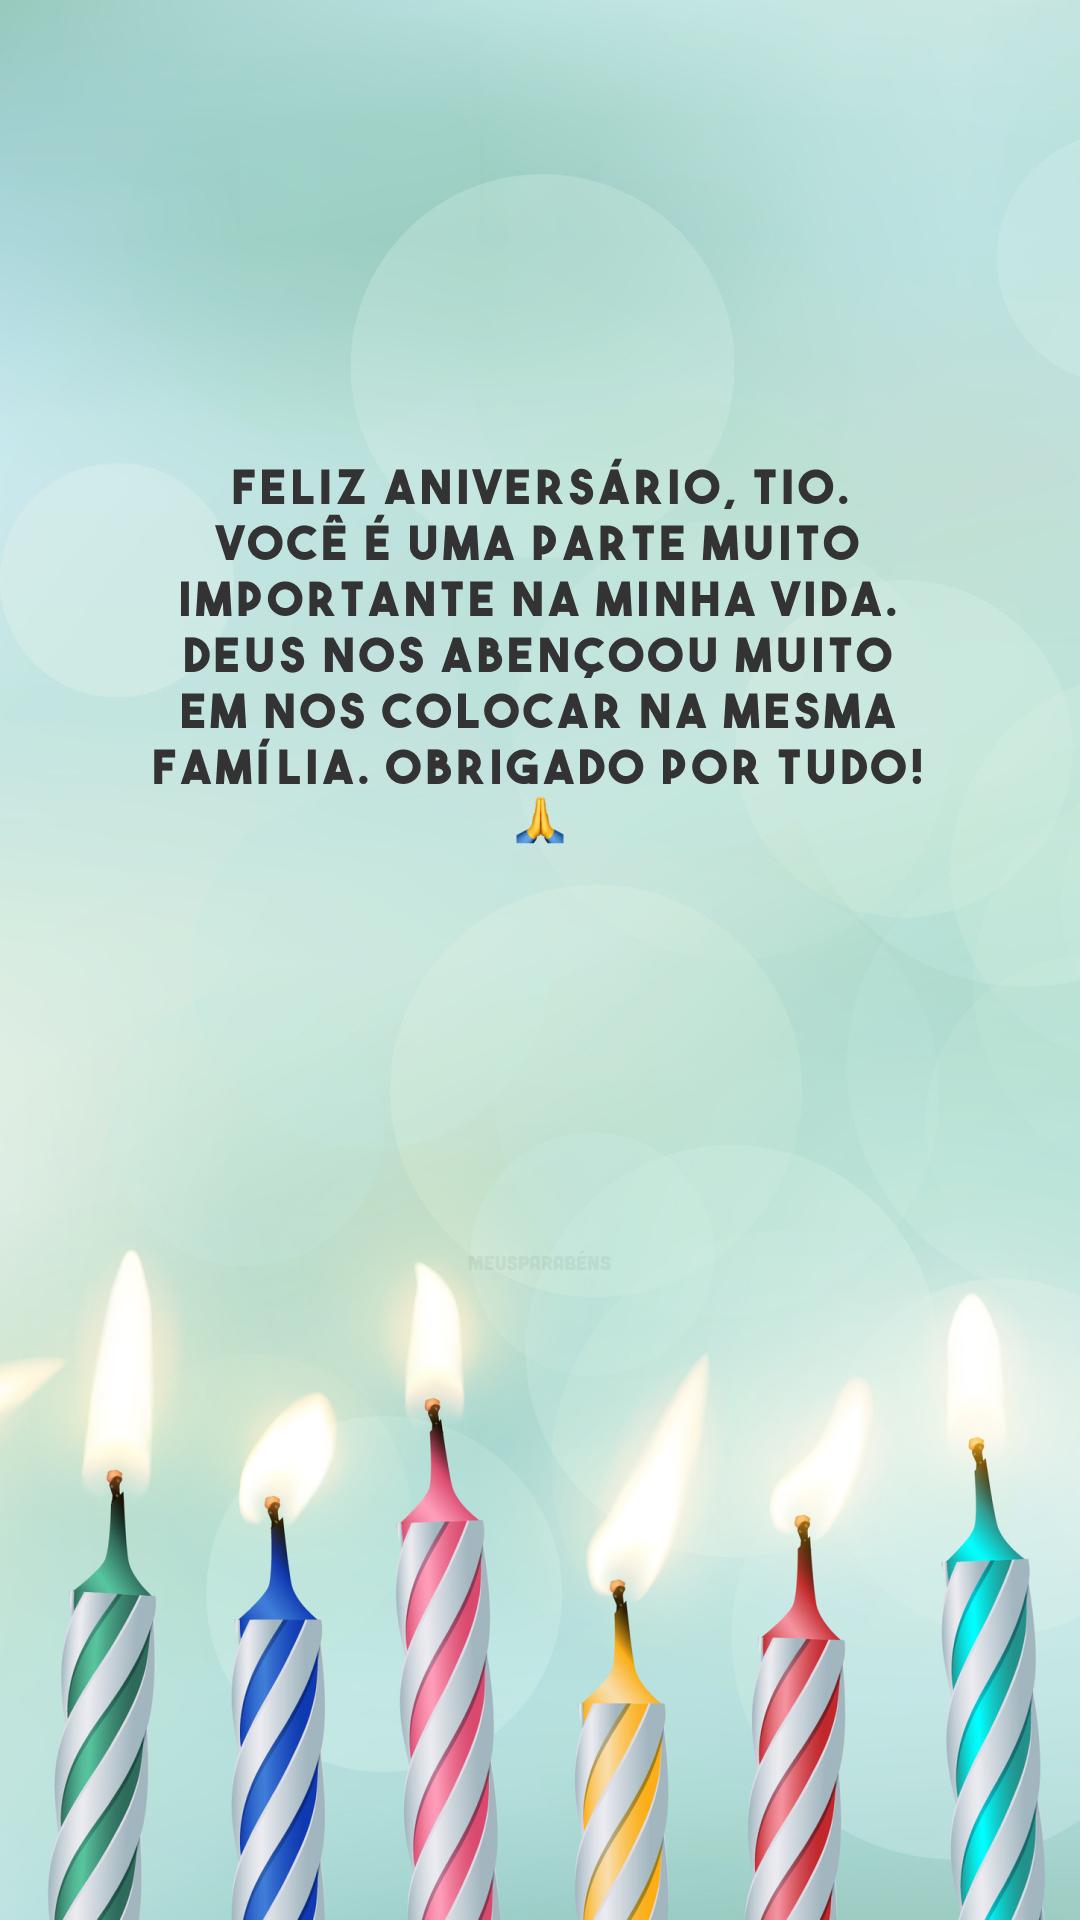 Feliz aniversário, tio. Você é uma parte muito importante na minha vida. Deus nos abençoou muito em nos colocar na mesma família. Obrigado por tudo! 🙏